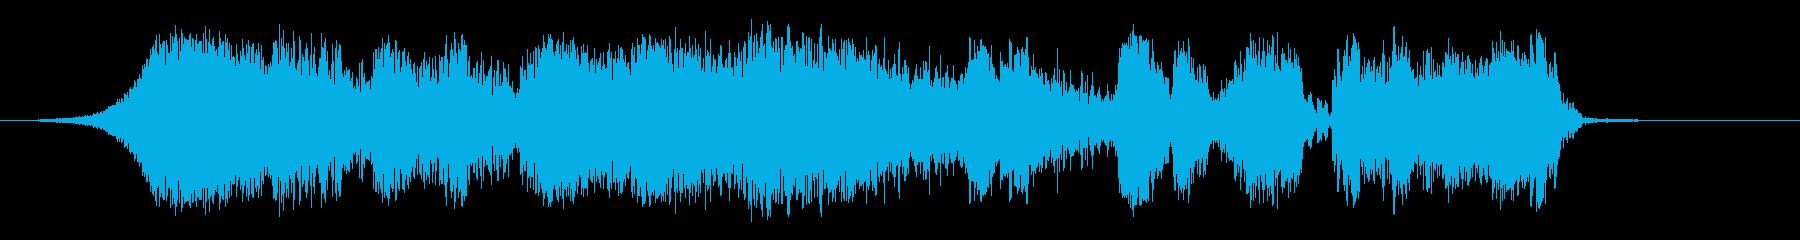 科学摩擦の再生済みの波形